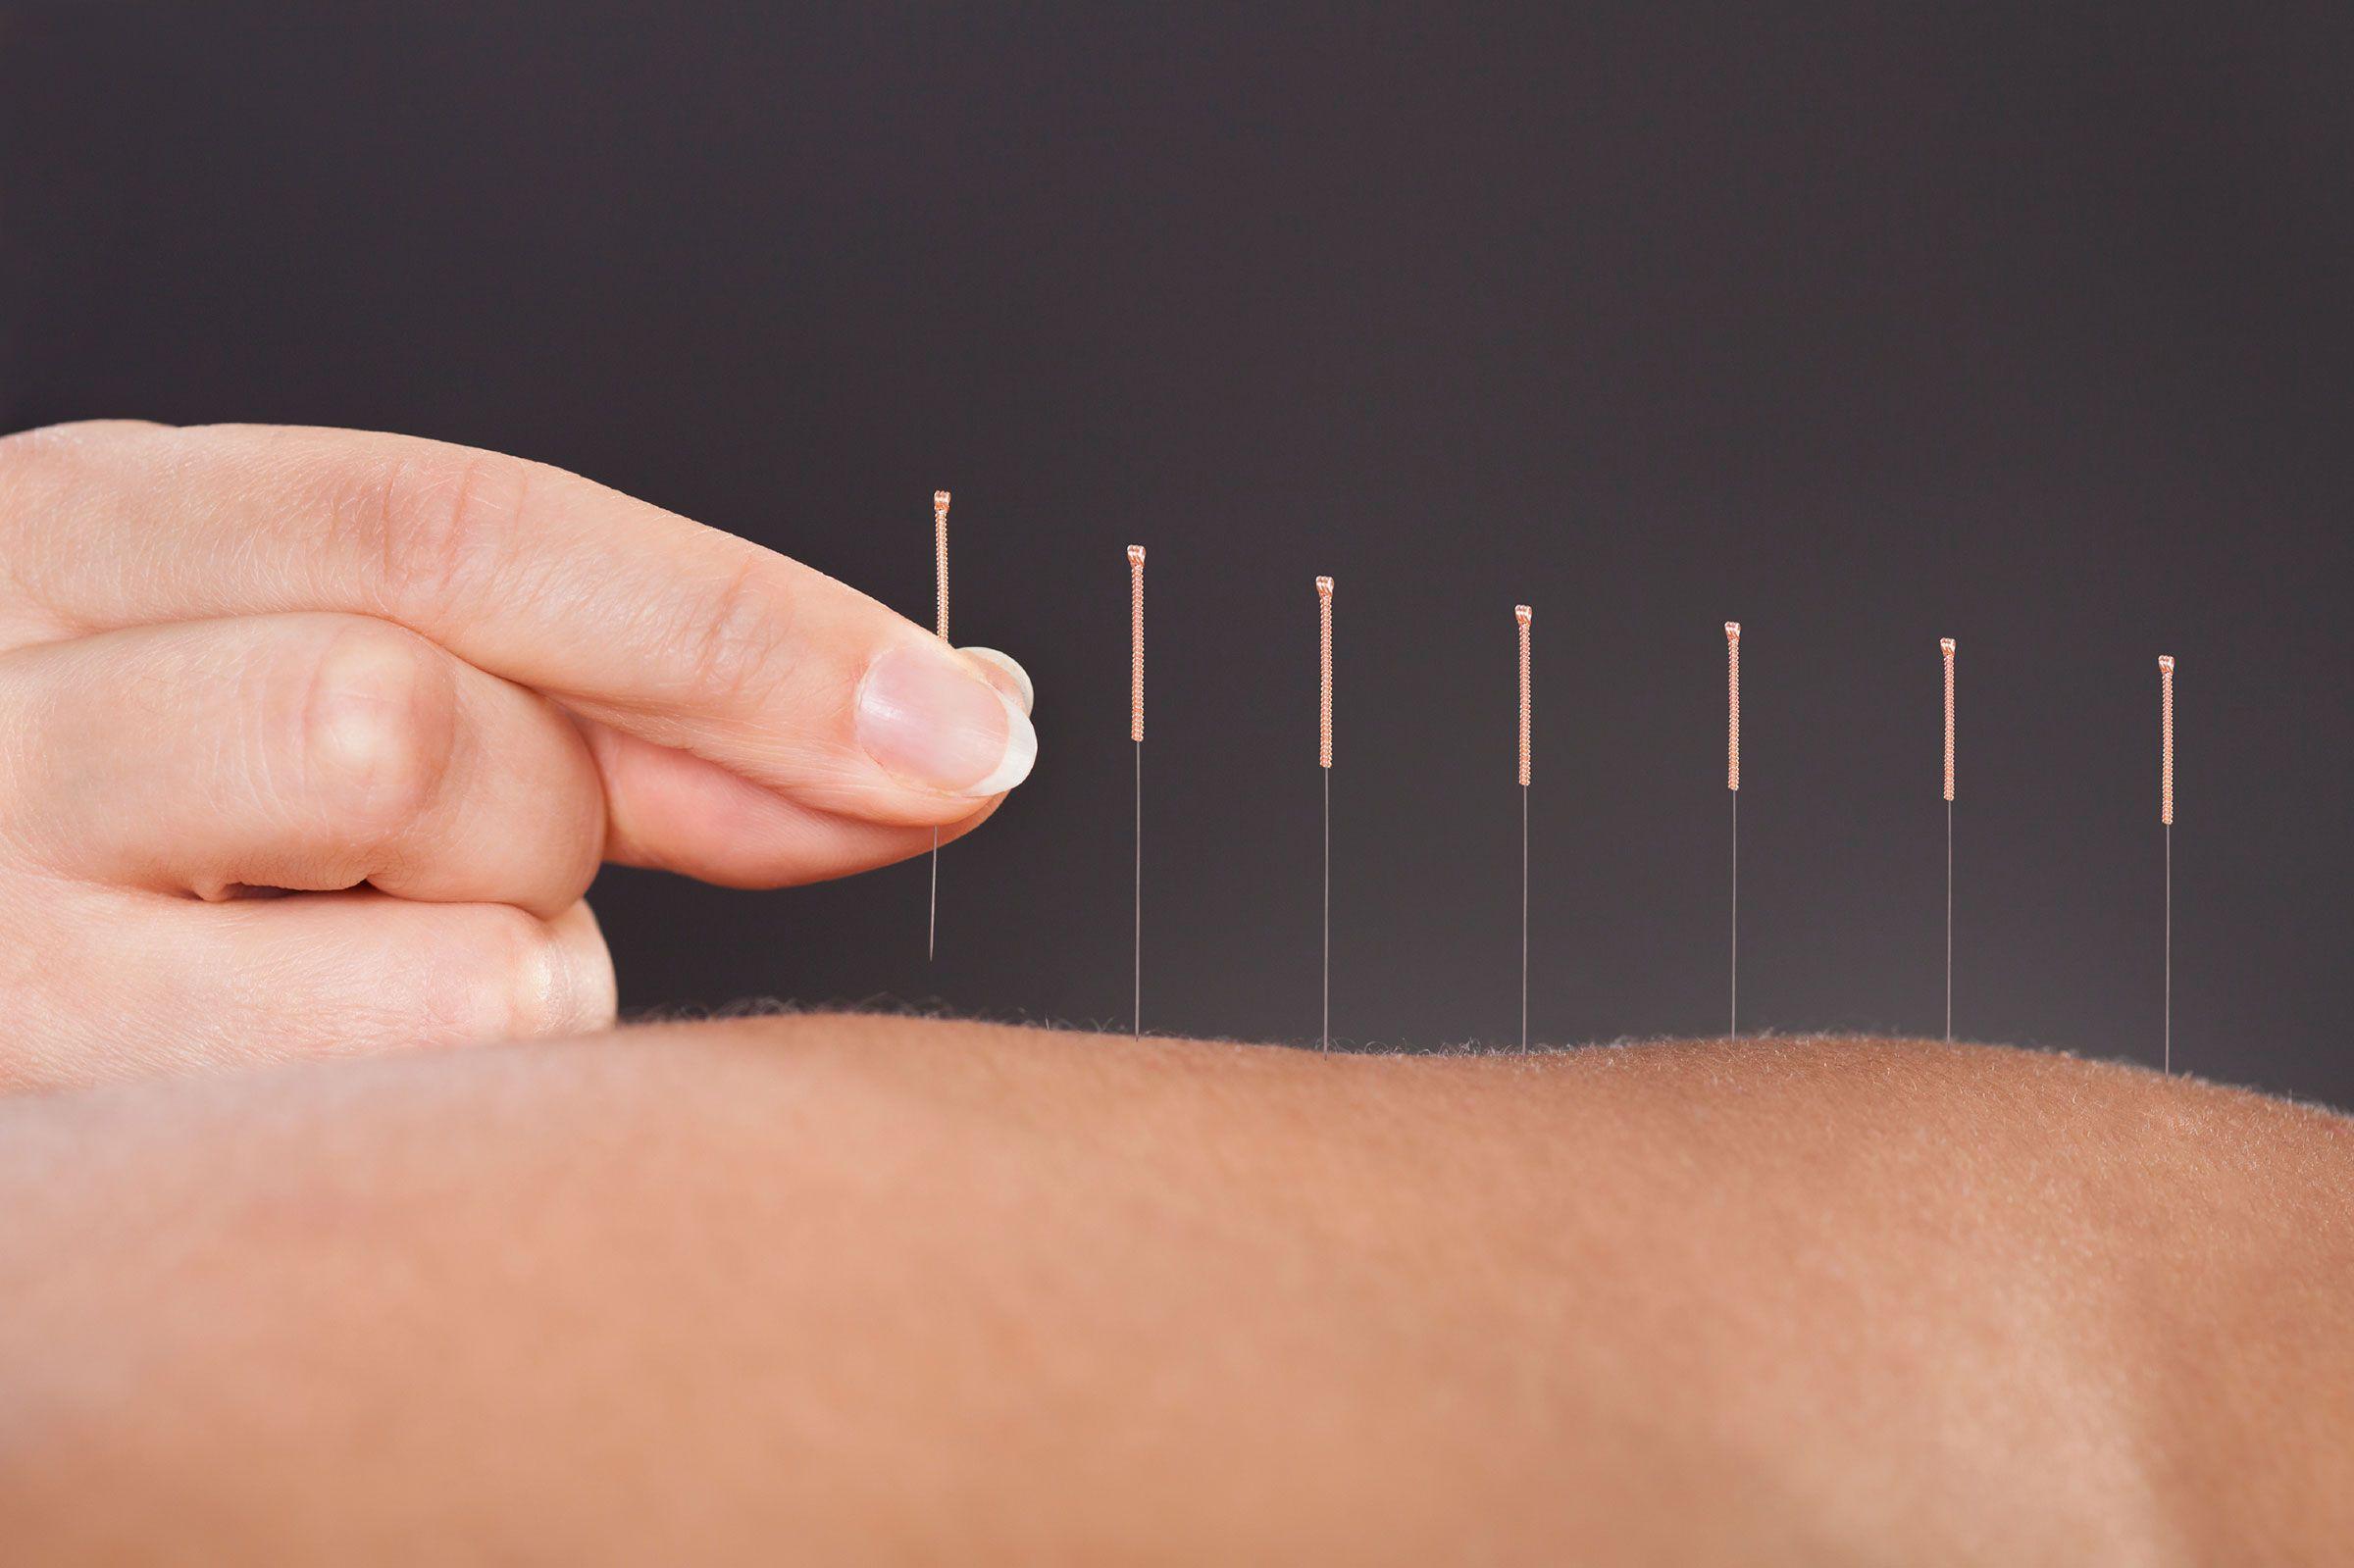 Apply Acupuncture To Treat #Vitiligo